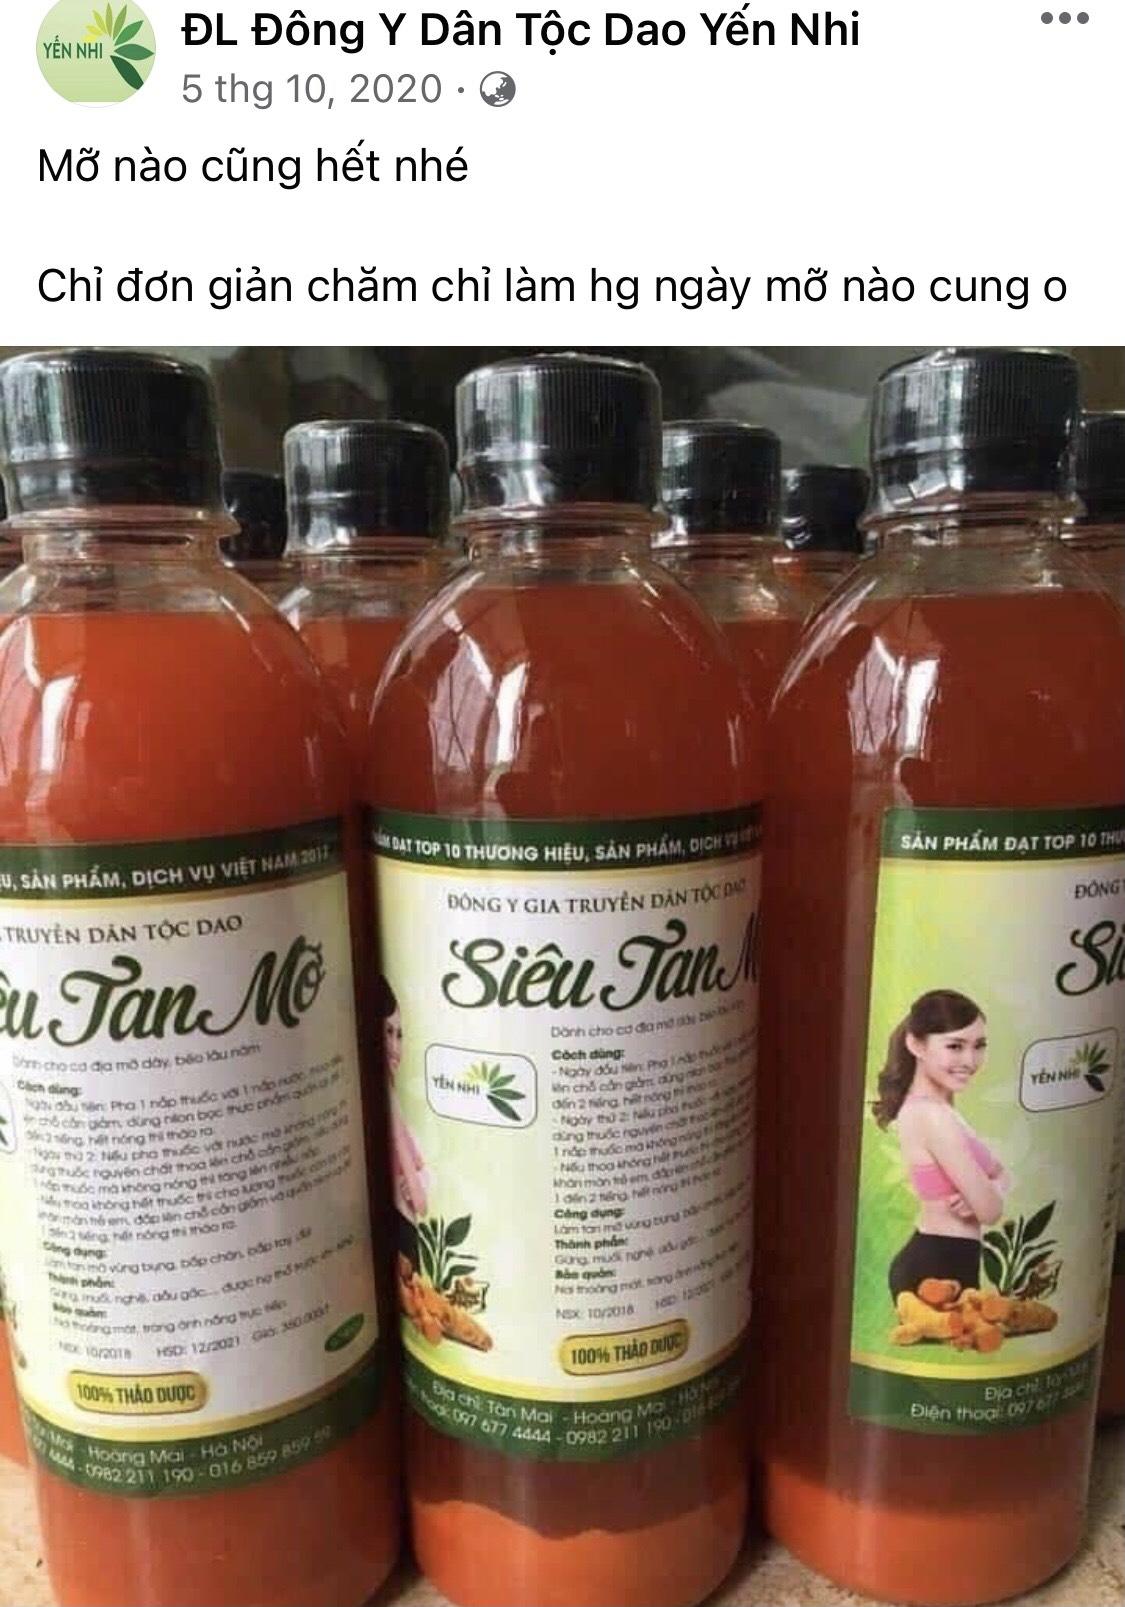 Đông y Yến Nhi quảng cáo, tư vấn thực phẩm bảo vệ sức khỏe là thuốc đặc trị bệnh